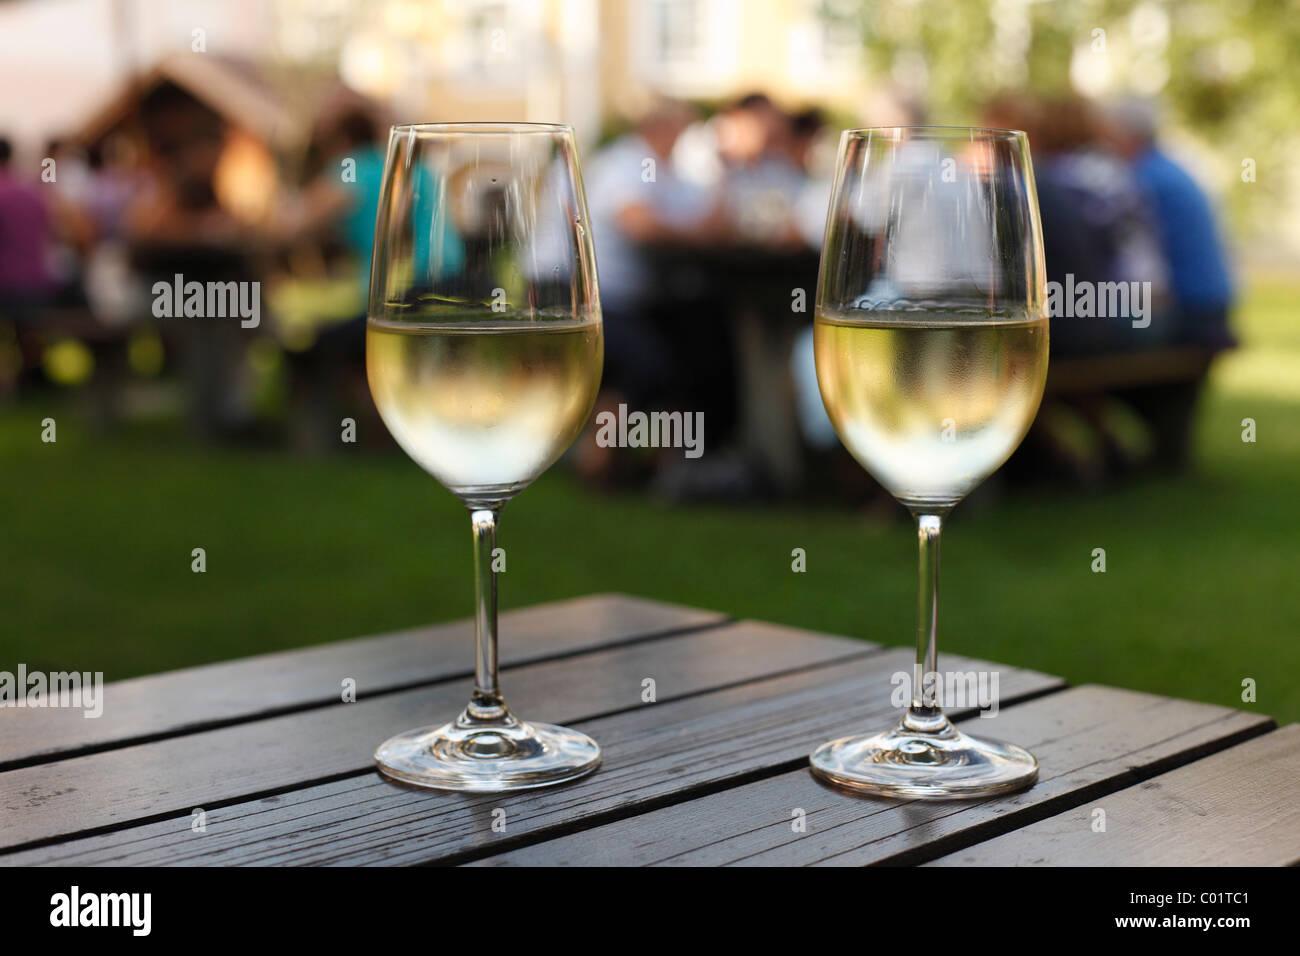 Zwei Gläser weißer Wein, Noiblinger saisonale Weinstube, Weissenkirchen in der Wachau, Region Waldviertel Stockbild